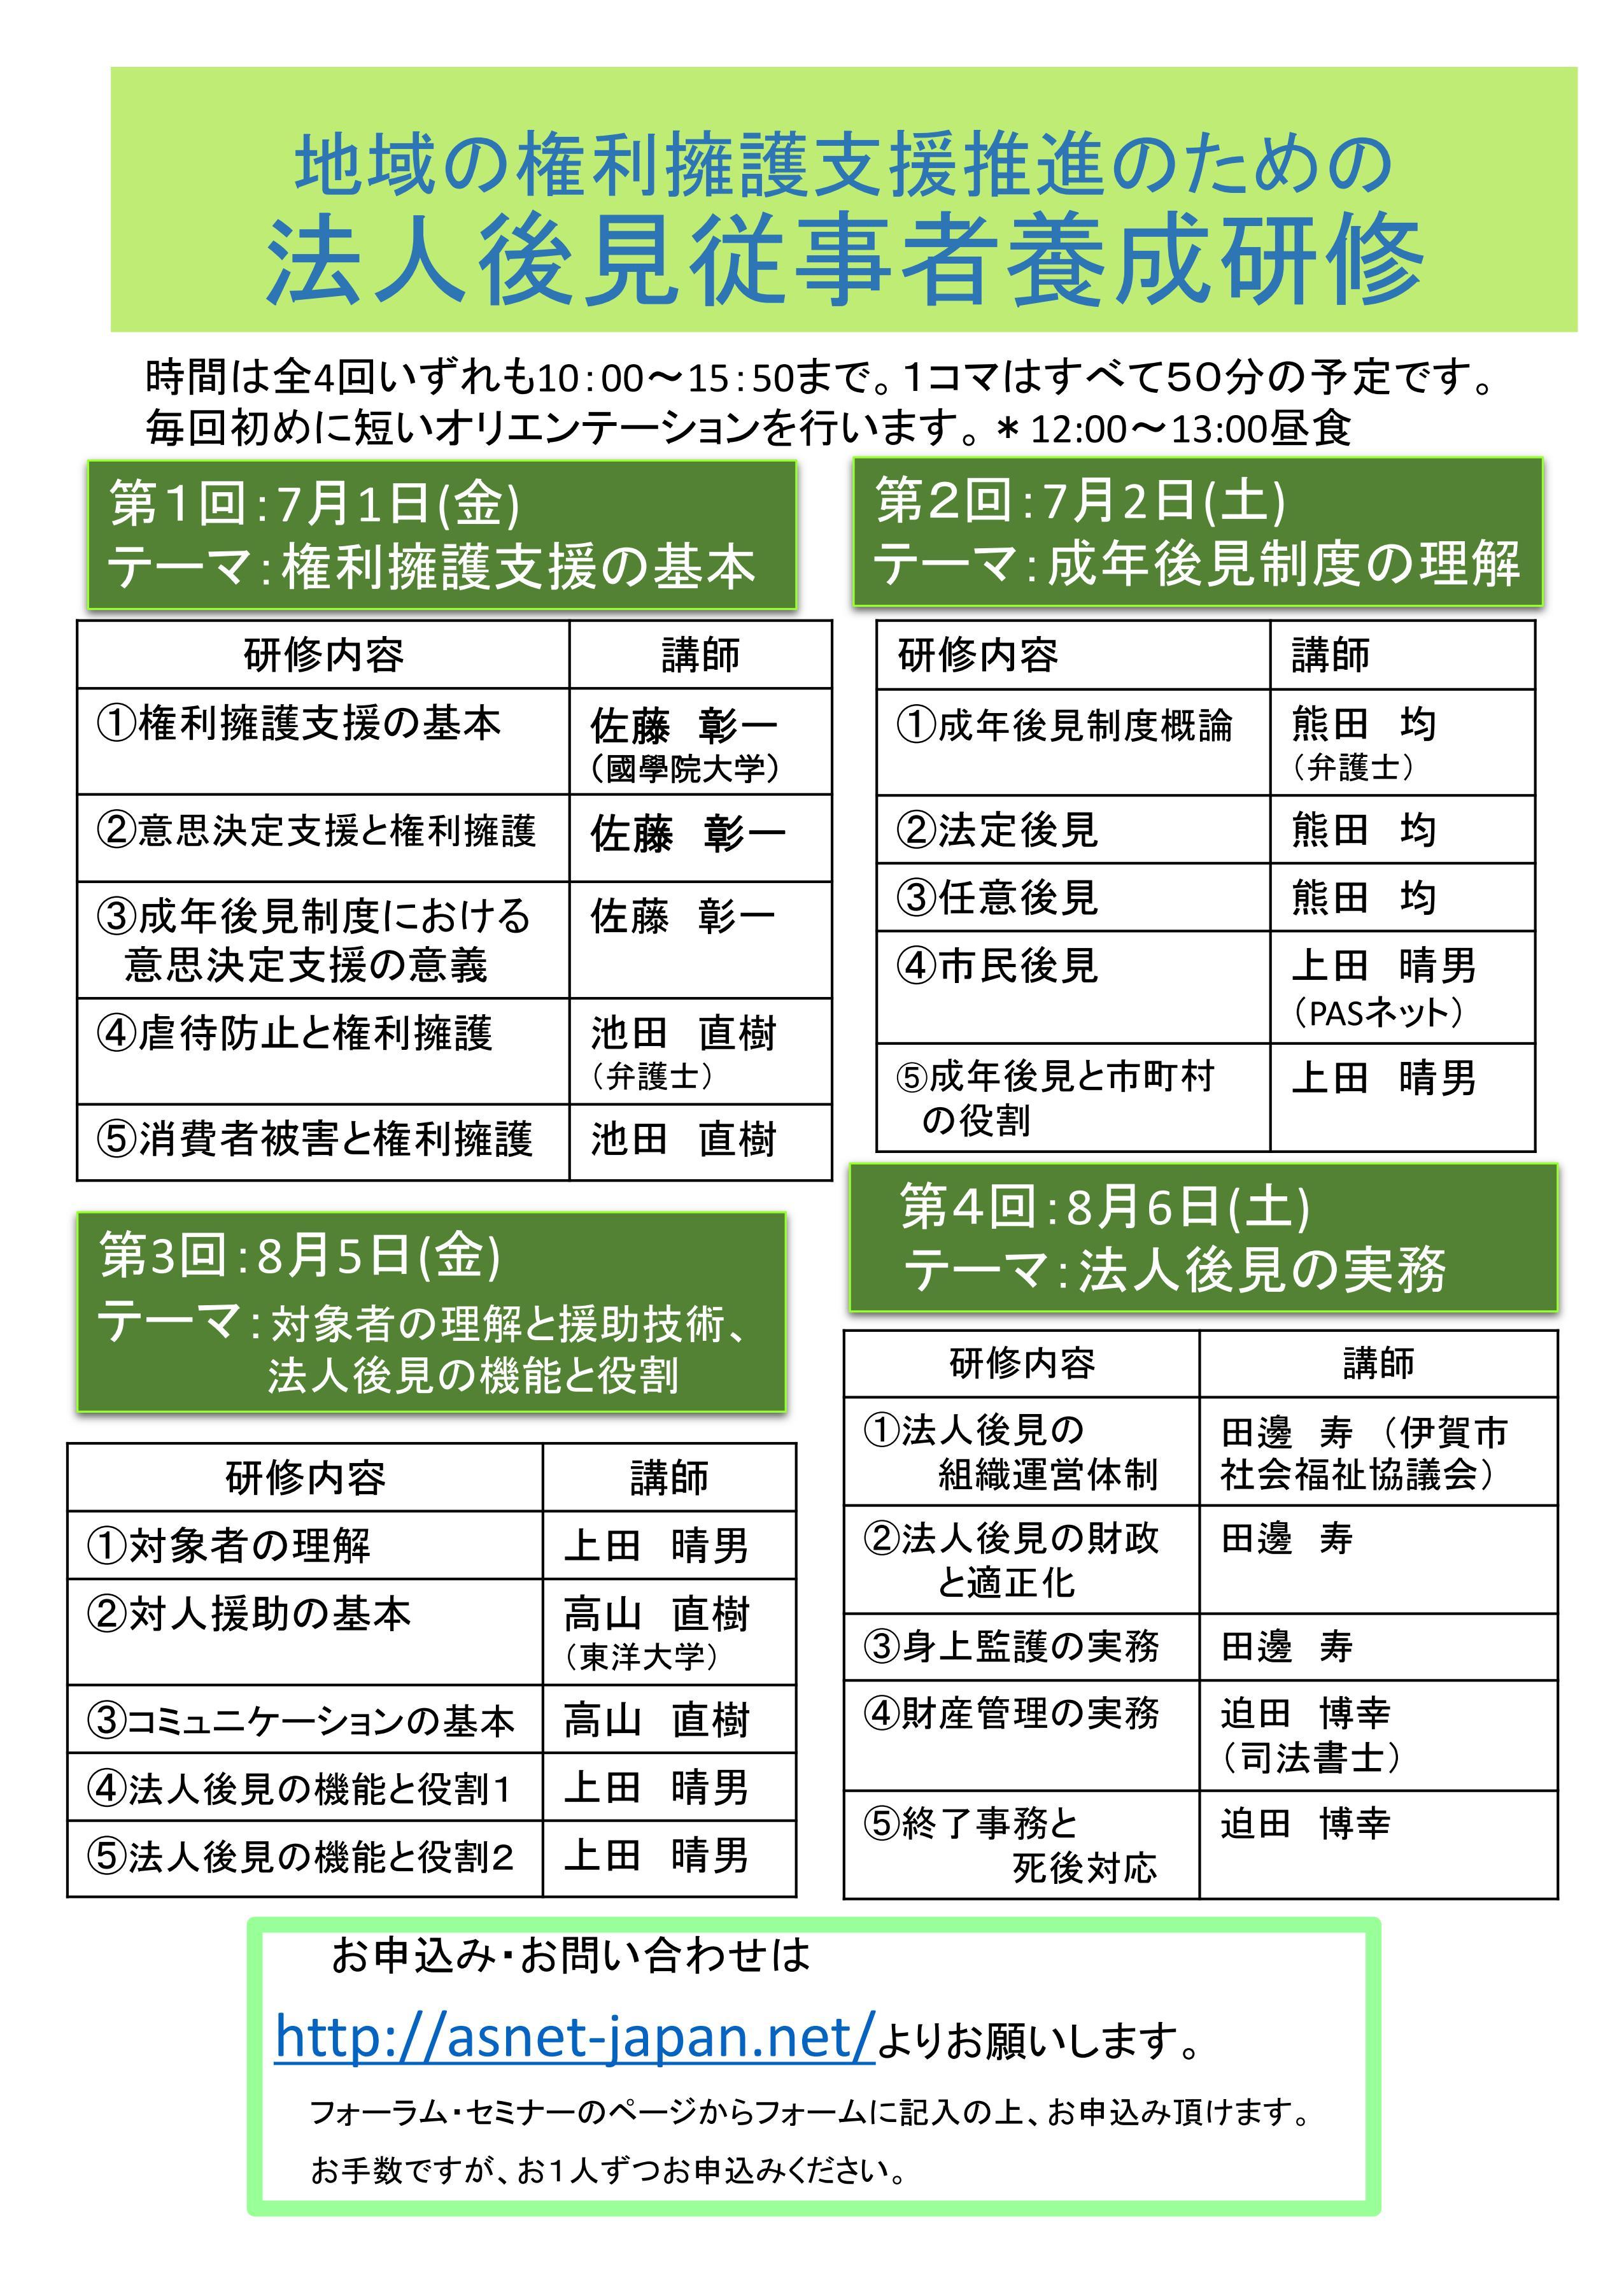 法人後見従事者養成研修28久留米(最終版)_02